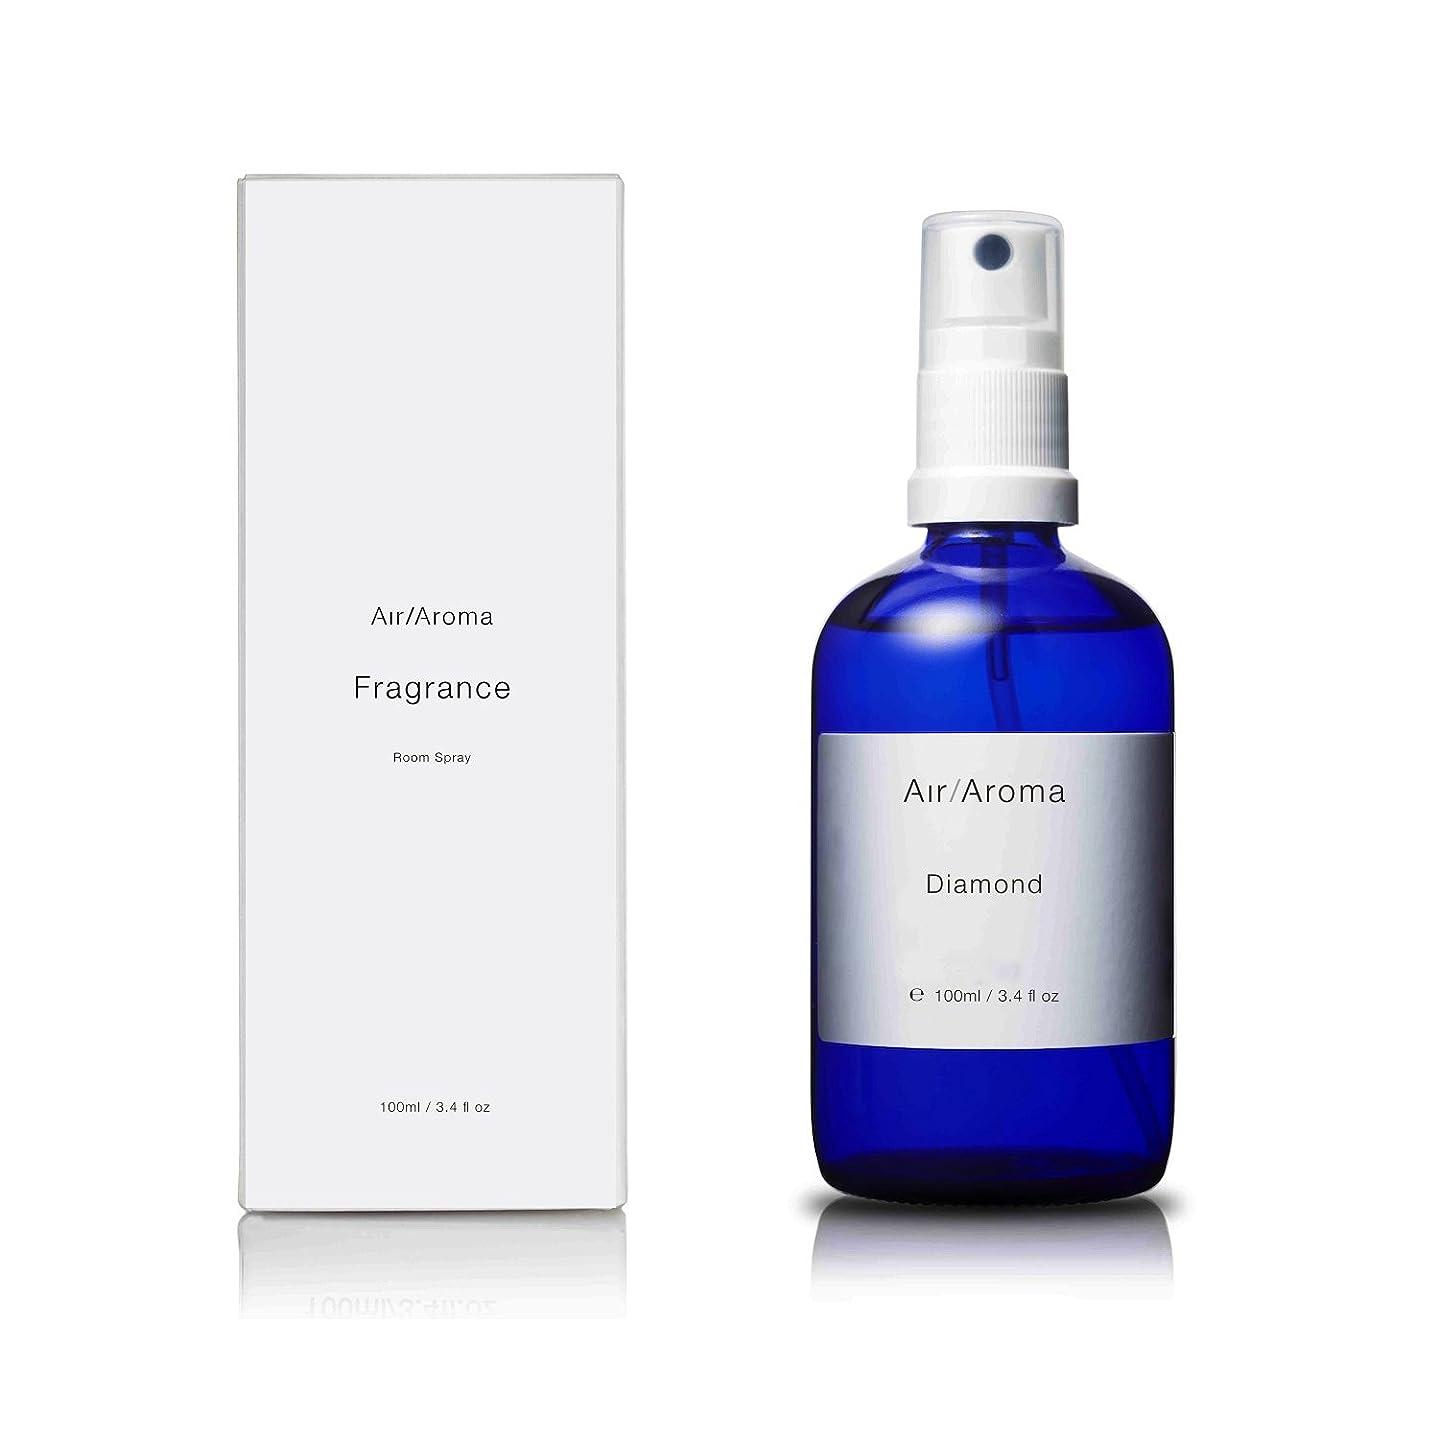 バルセロナ類似性団結エアアロマ diamond room fragrance (ダイアモンド ルームフレグランス) 100ml